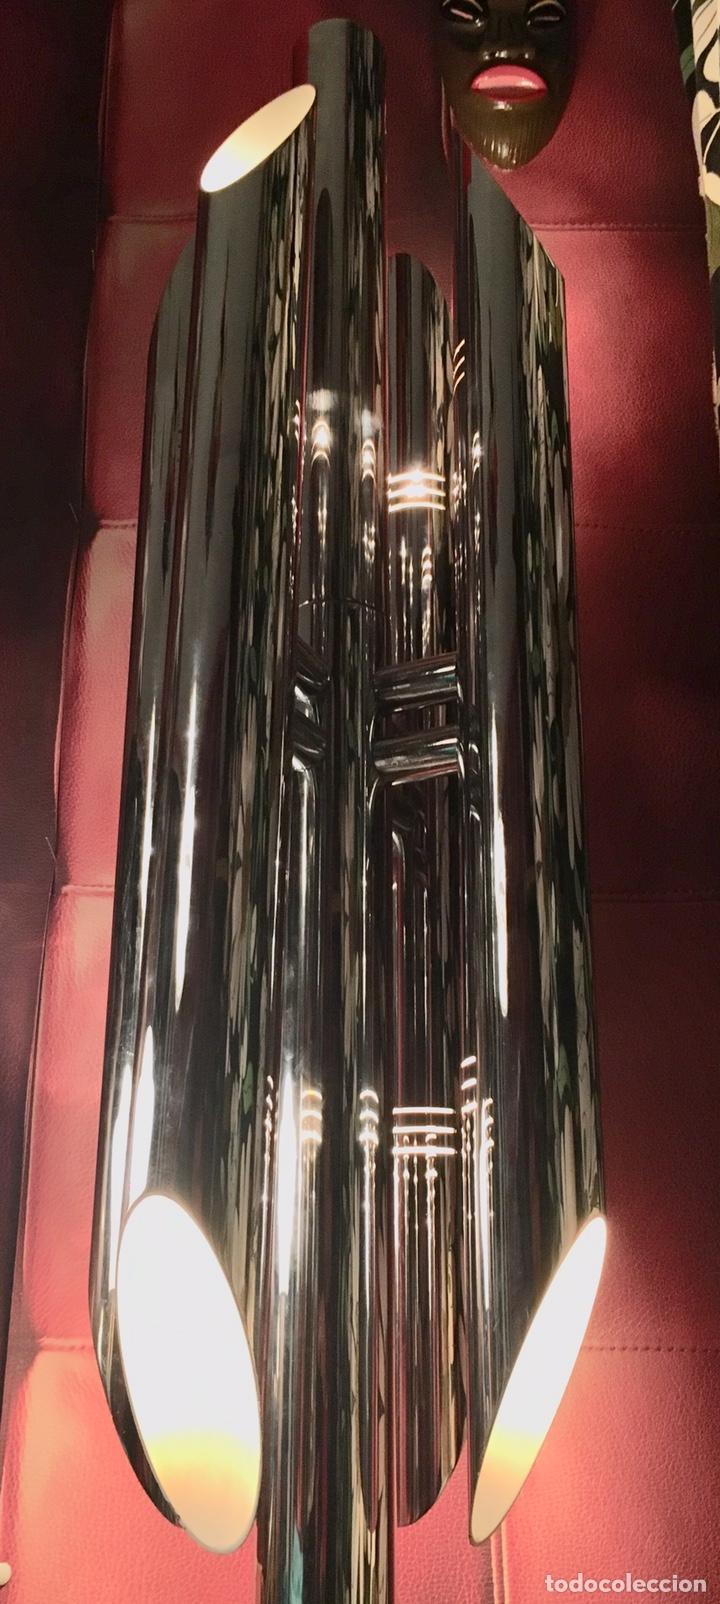 Vintage: LAMPARA SUELO FASE GRIN LUZ -SPACE AGE-LAMPARA GRIN LUZ DISEÑA LUIS PEREZ DE LA OLIVA - Foto 4 - 55373910